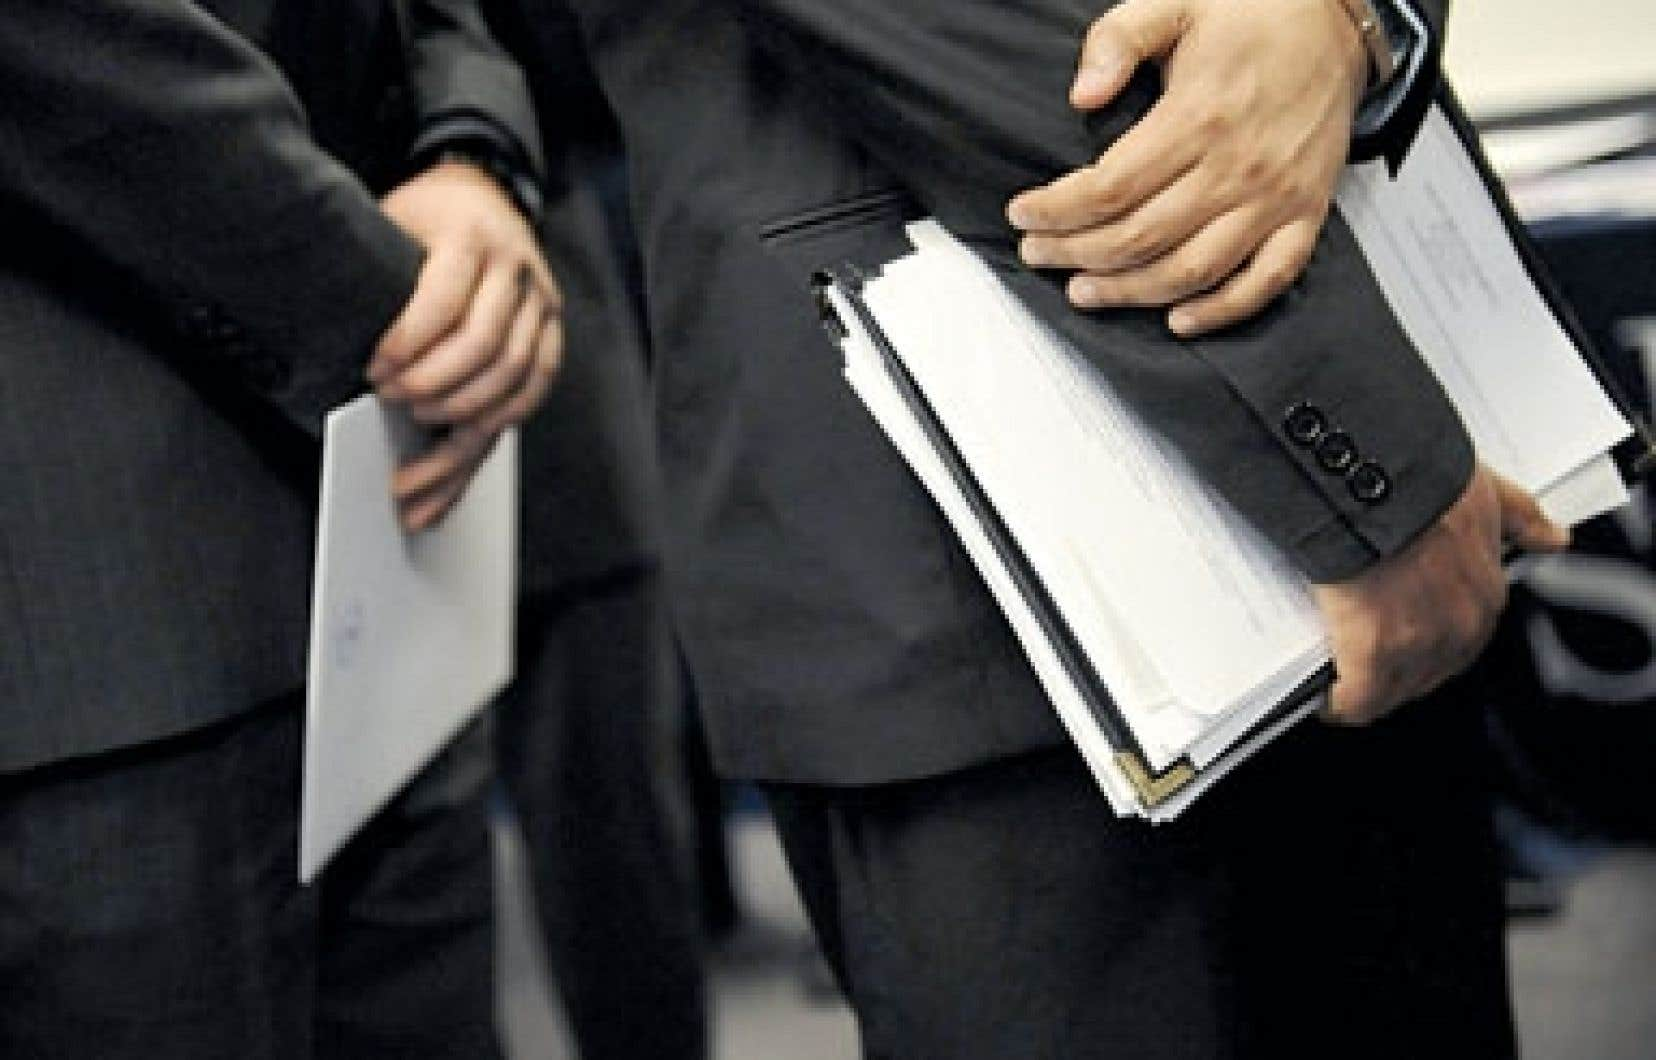 Les titulaires de charges publiques doivent être plus exigeants envers les firmes, selon le commissaire au lobbyisme.